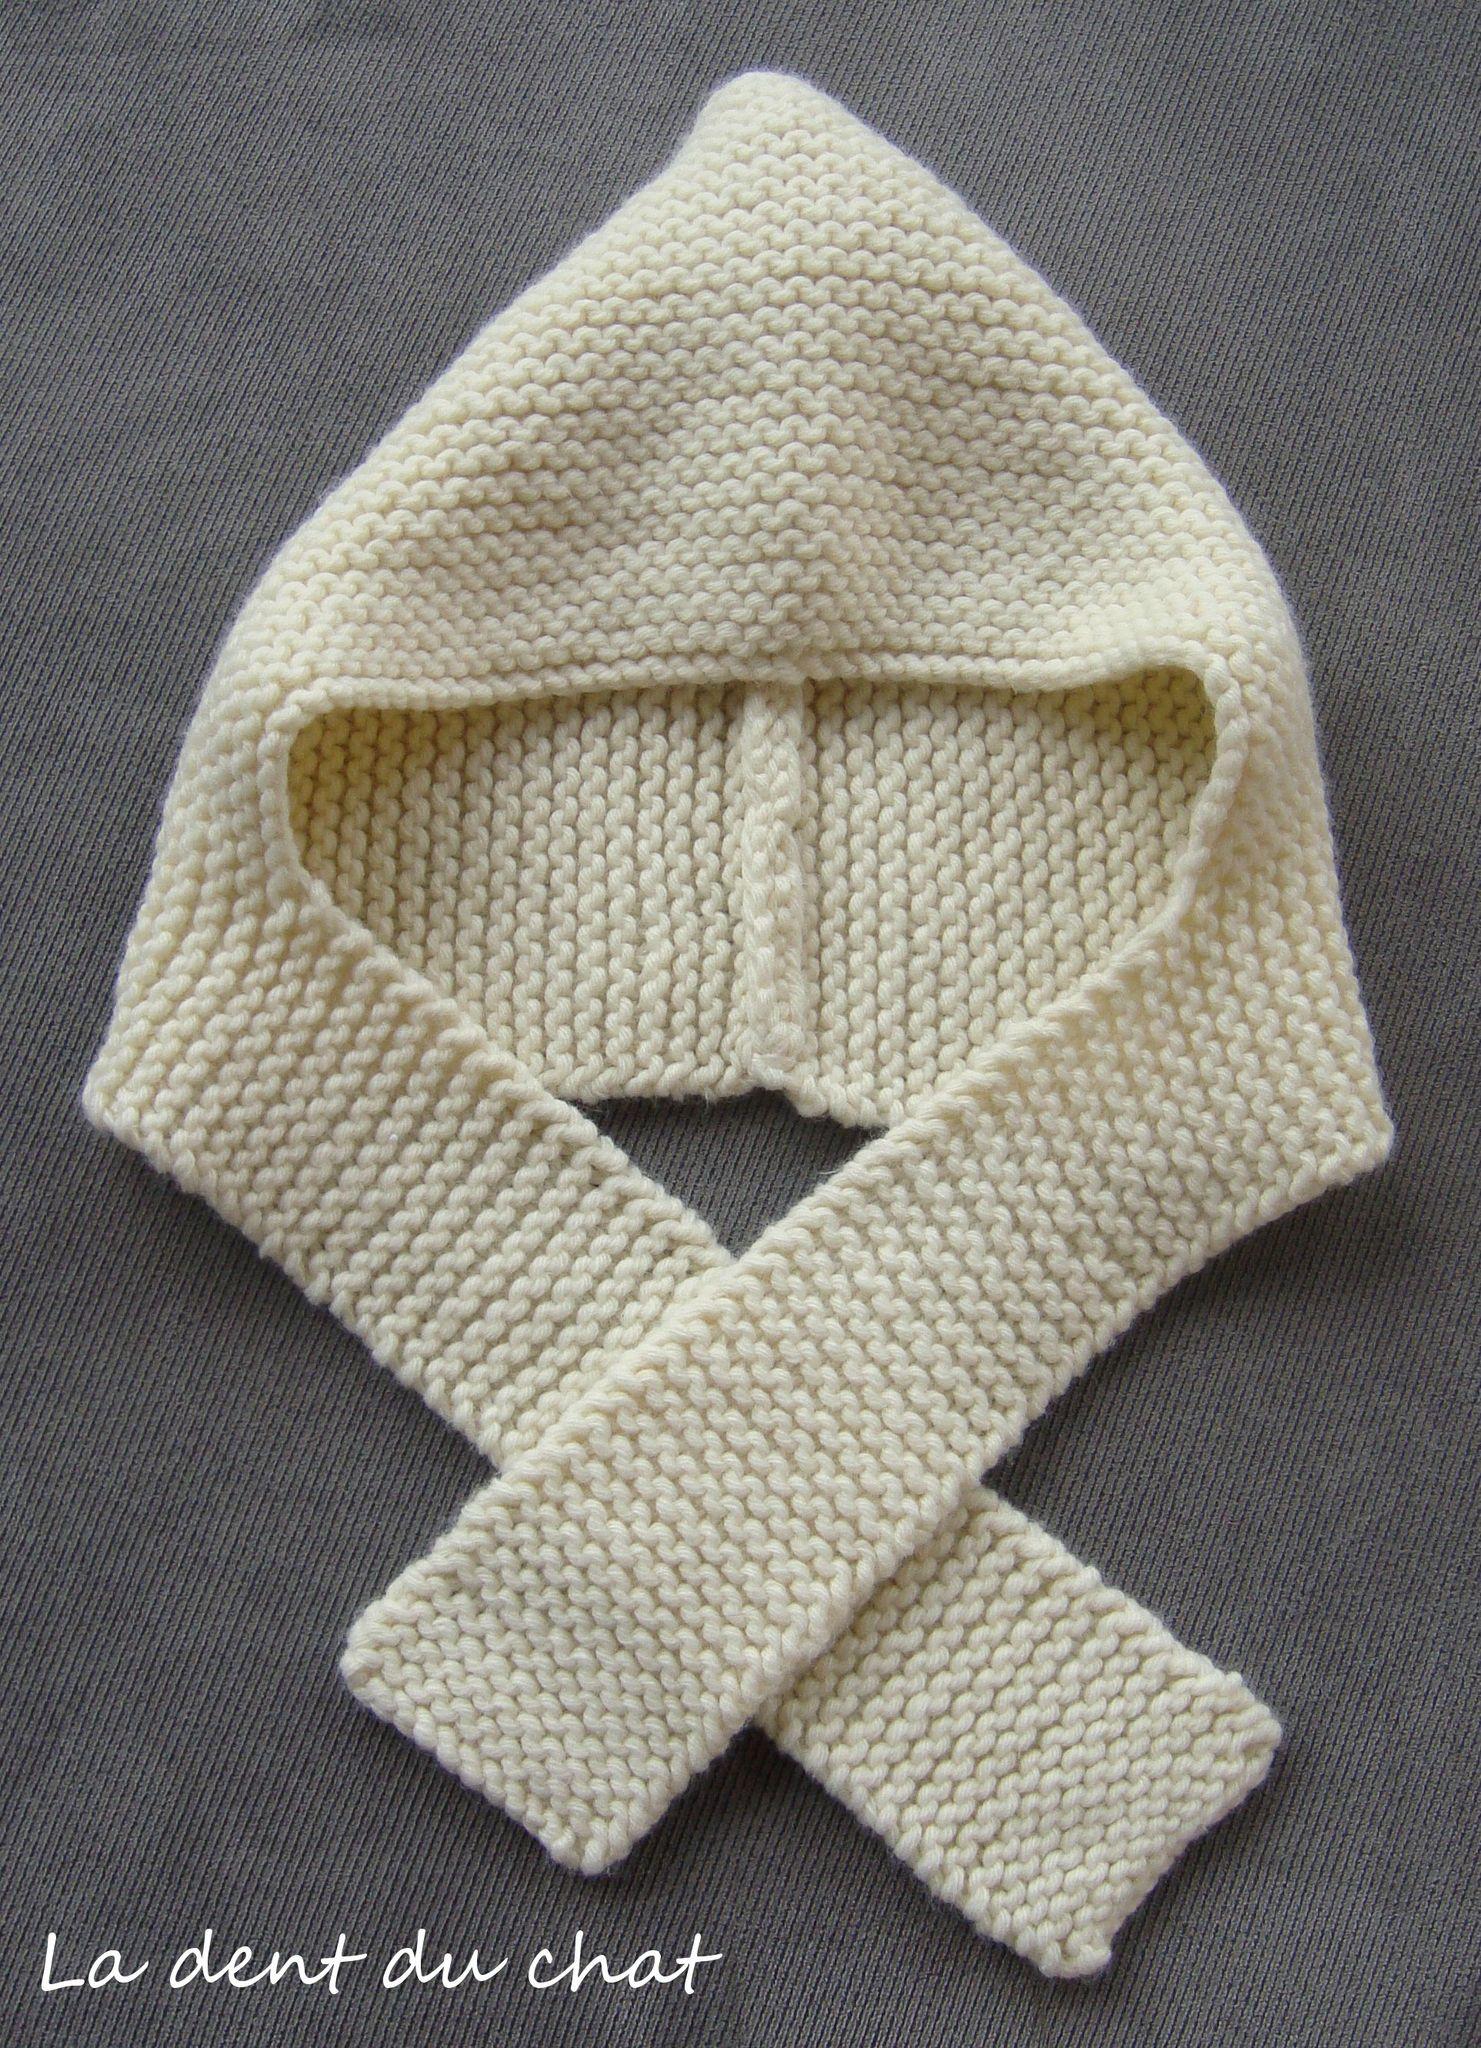 modele bonnet echarpe bebe tricot. Black Bedroom Furniture Sets. Home Design Ideas